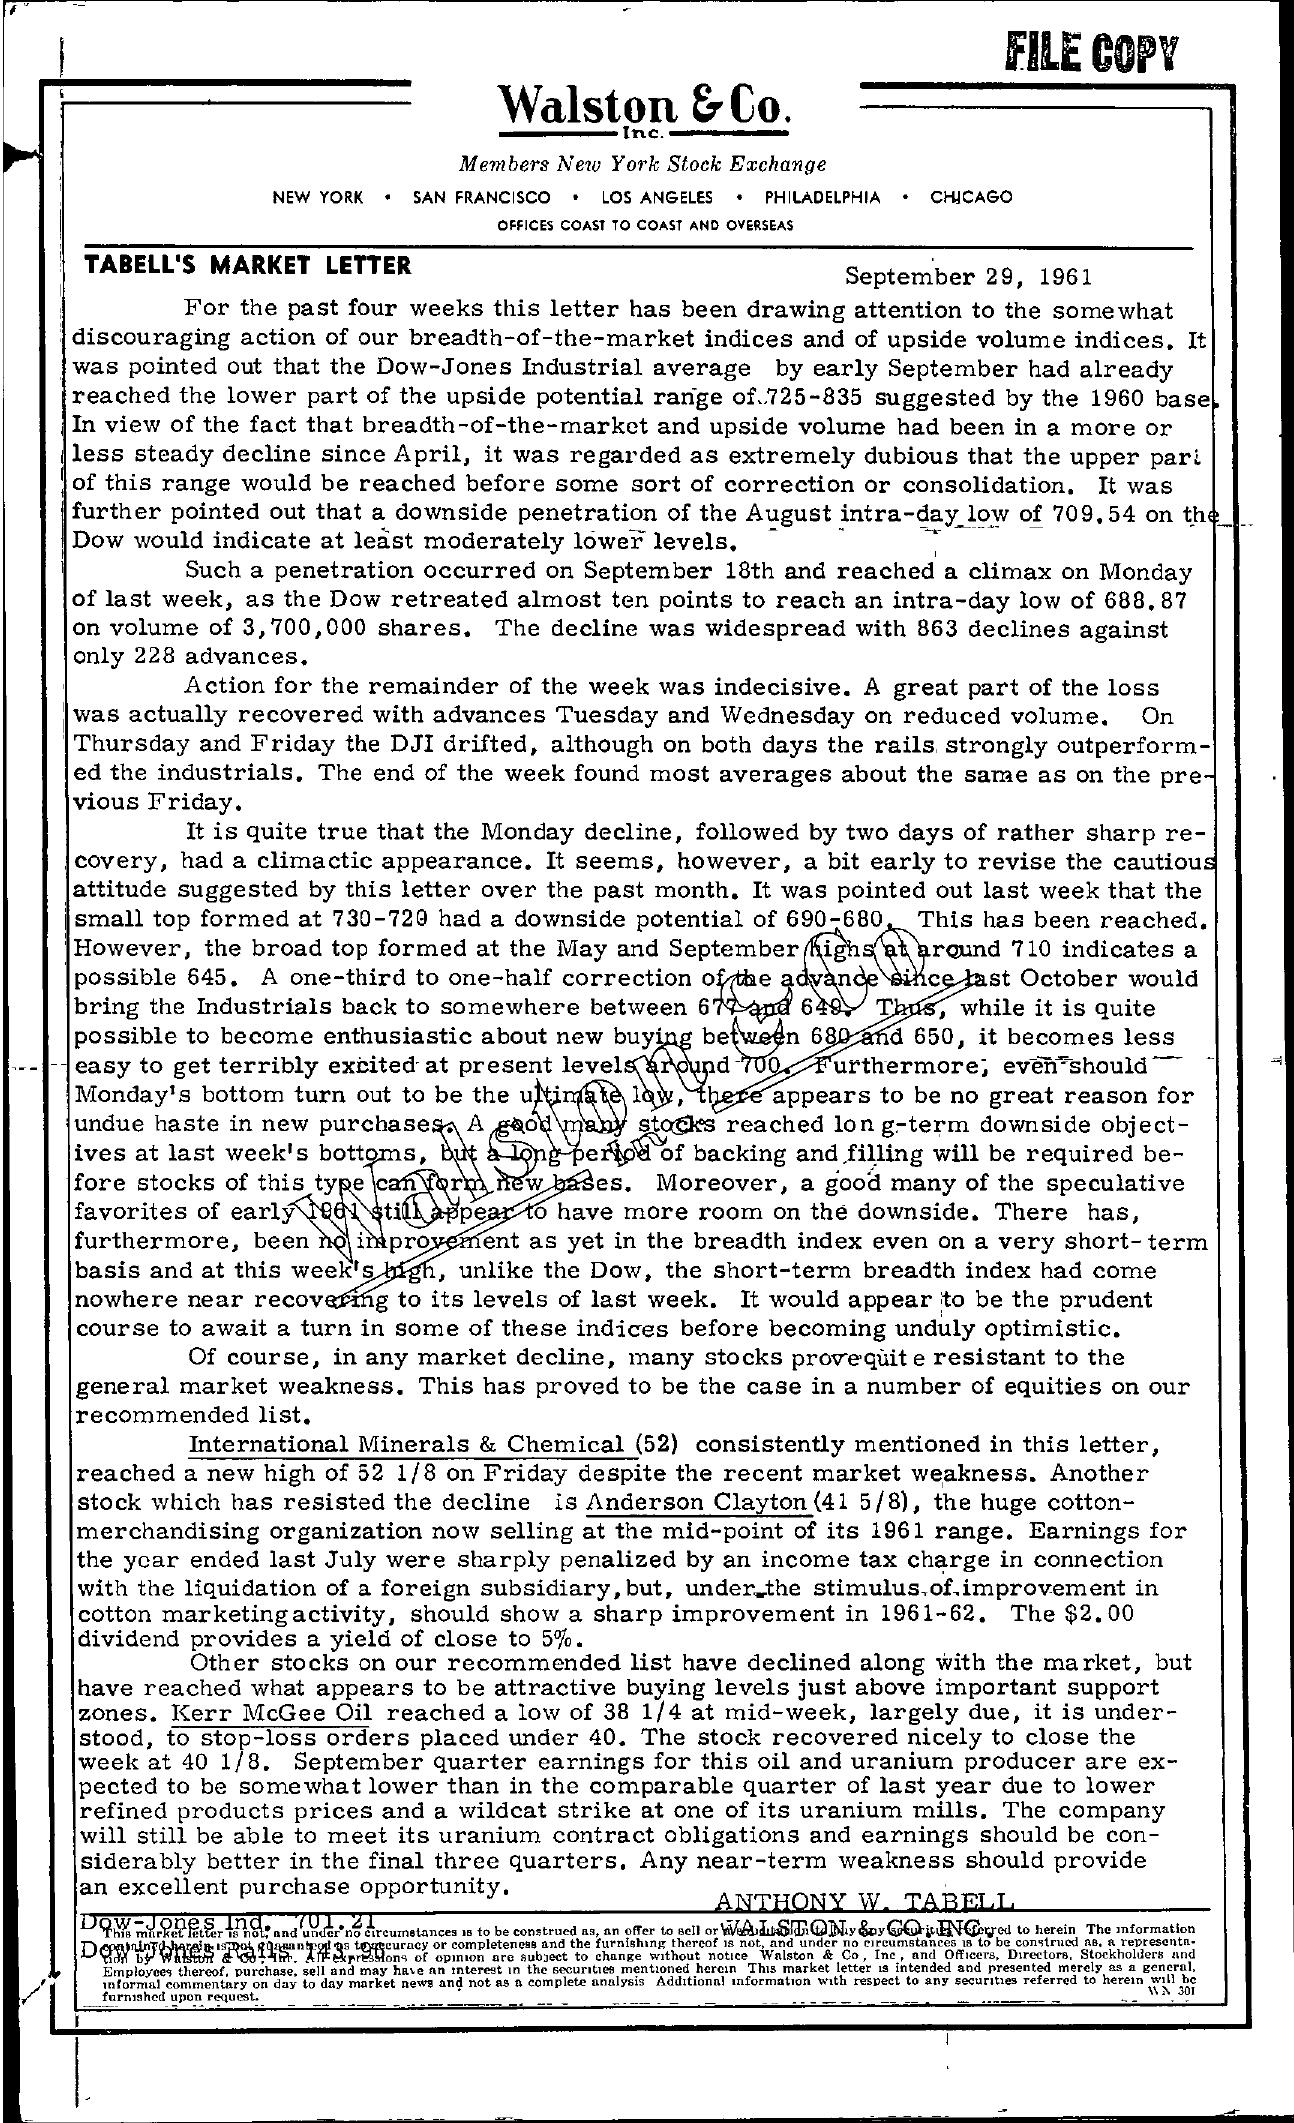 Tabell's Market Letter - September 29, 1961